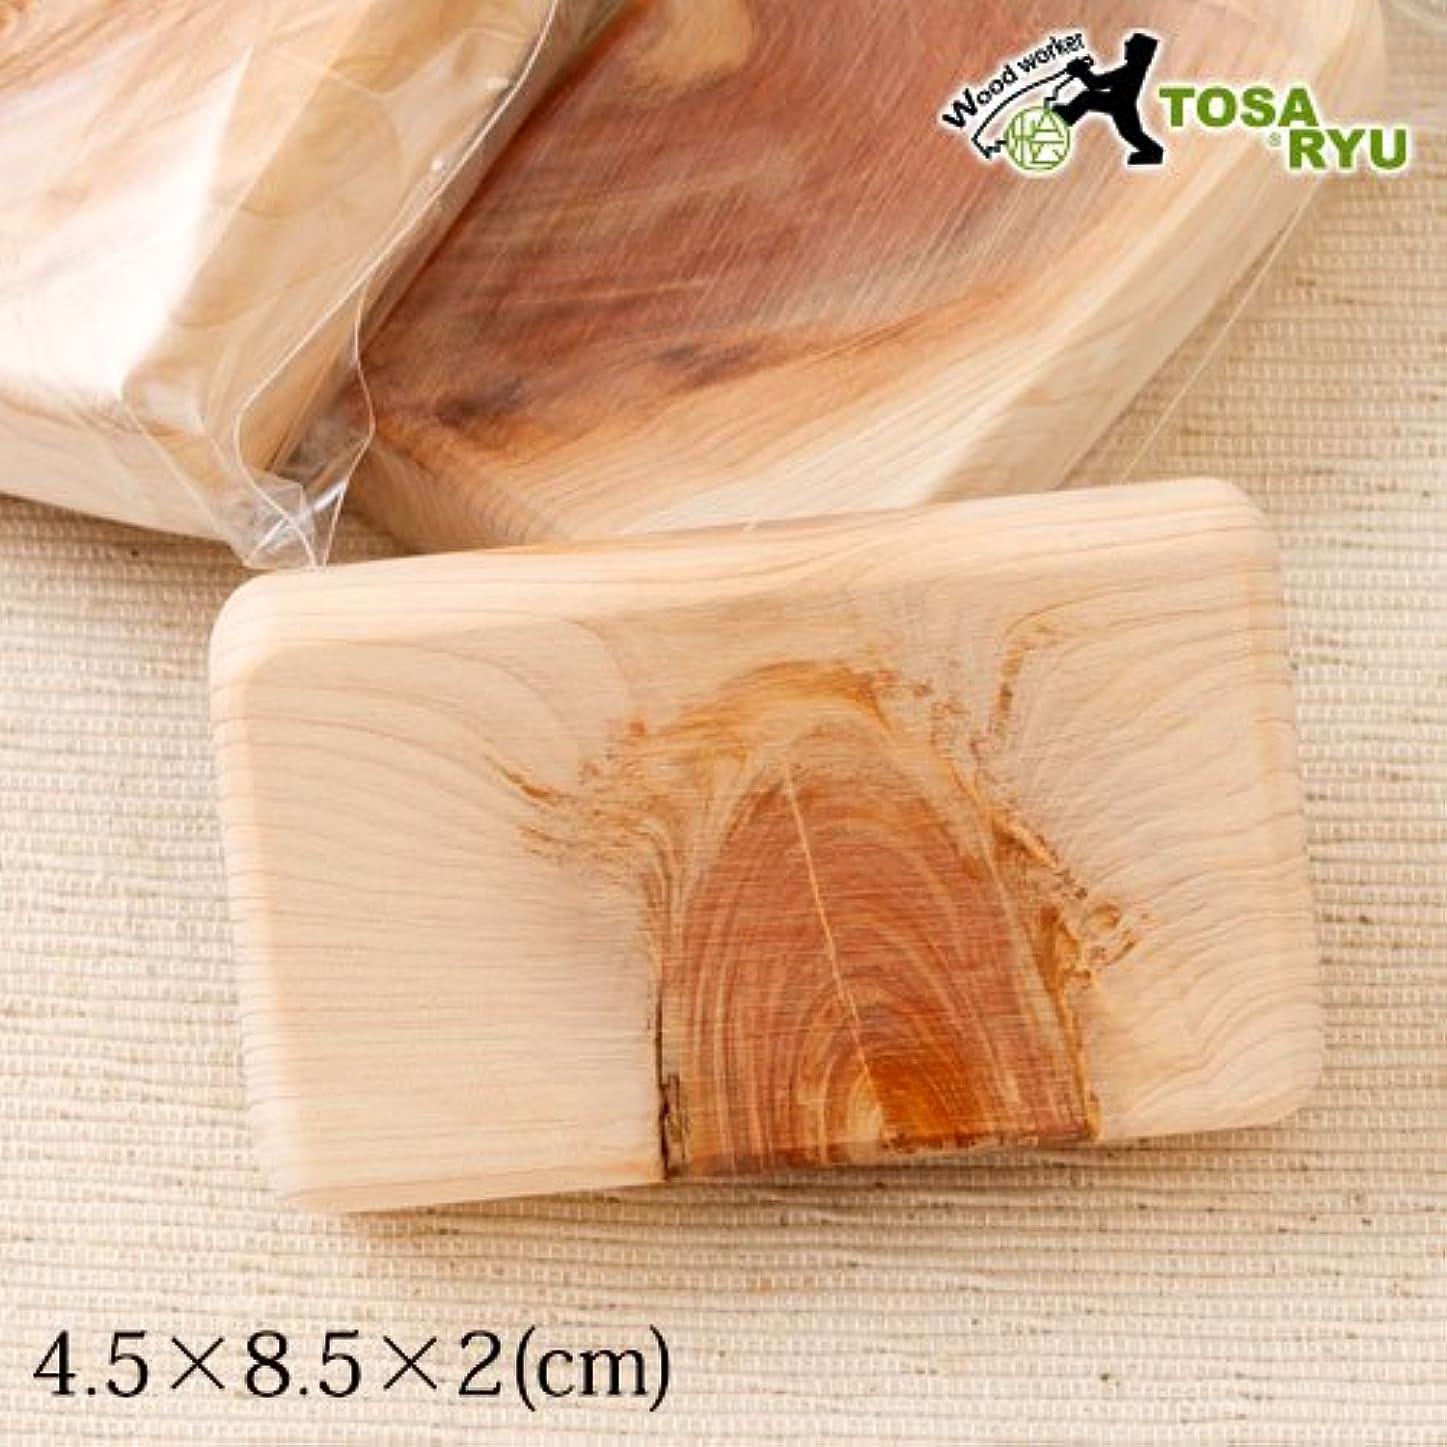 バタフライ拍手序文土佐龍アロマブロック(1個)高知県の工芸品Aroma massager of cypress, Kochi craft